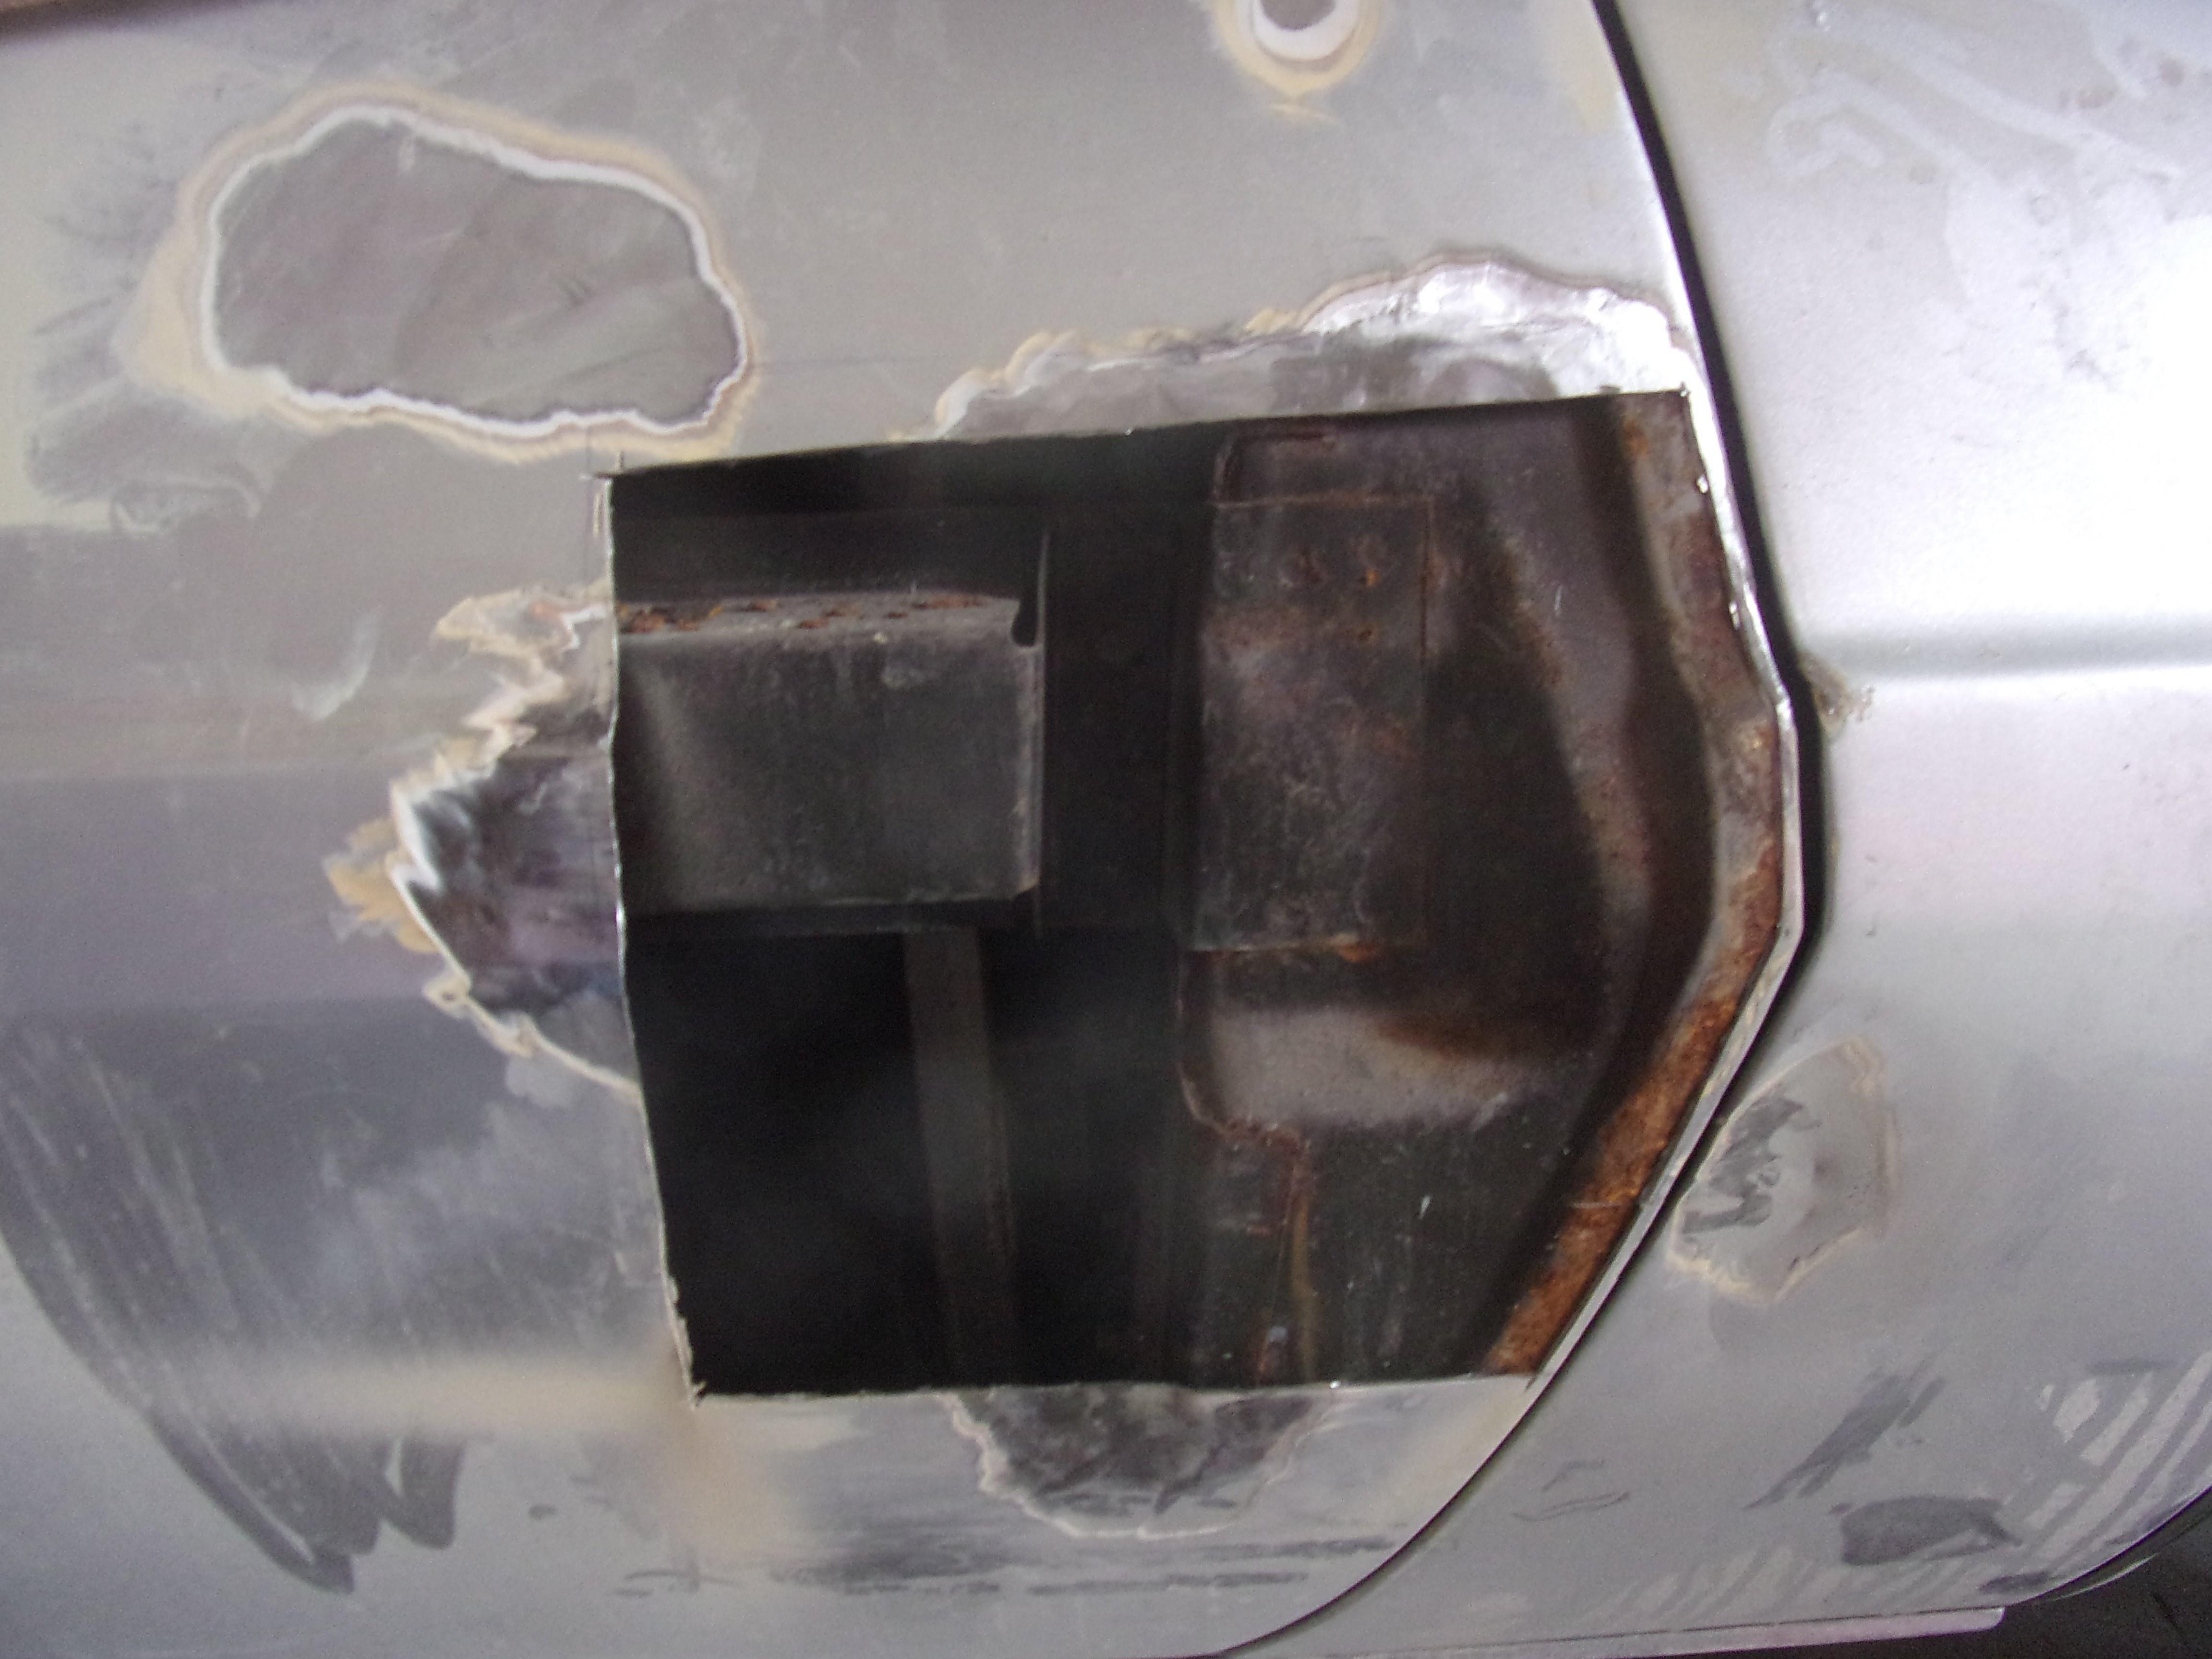 découpe dans une porte due à une corrosion perforante importante